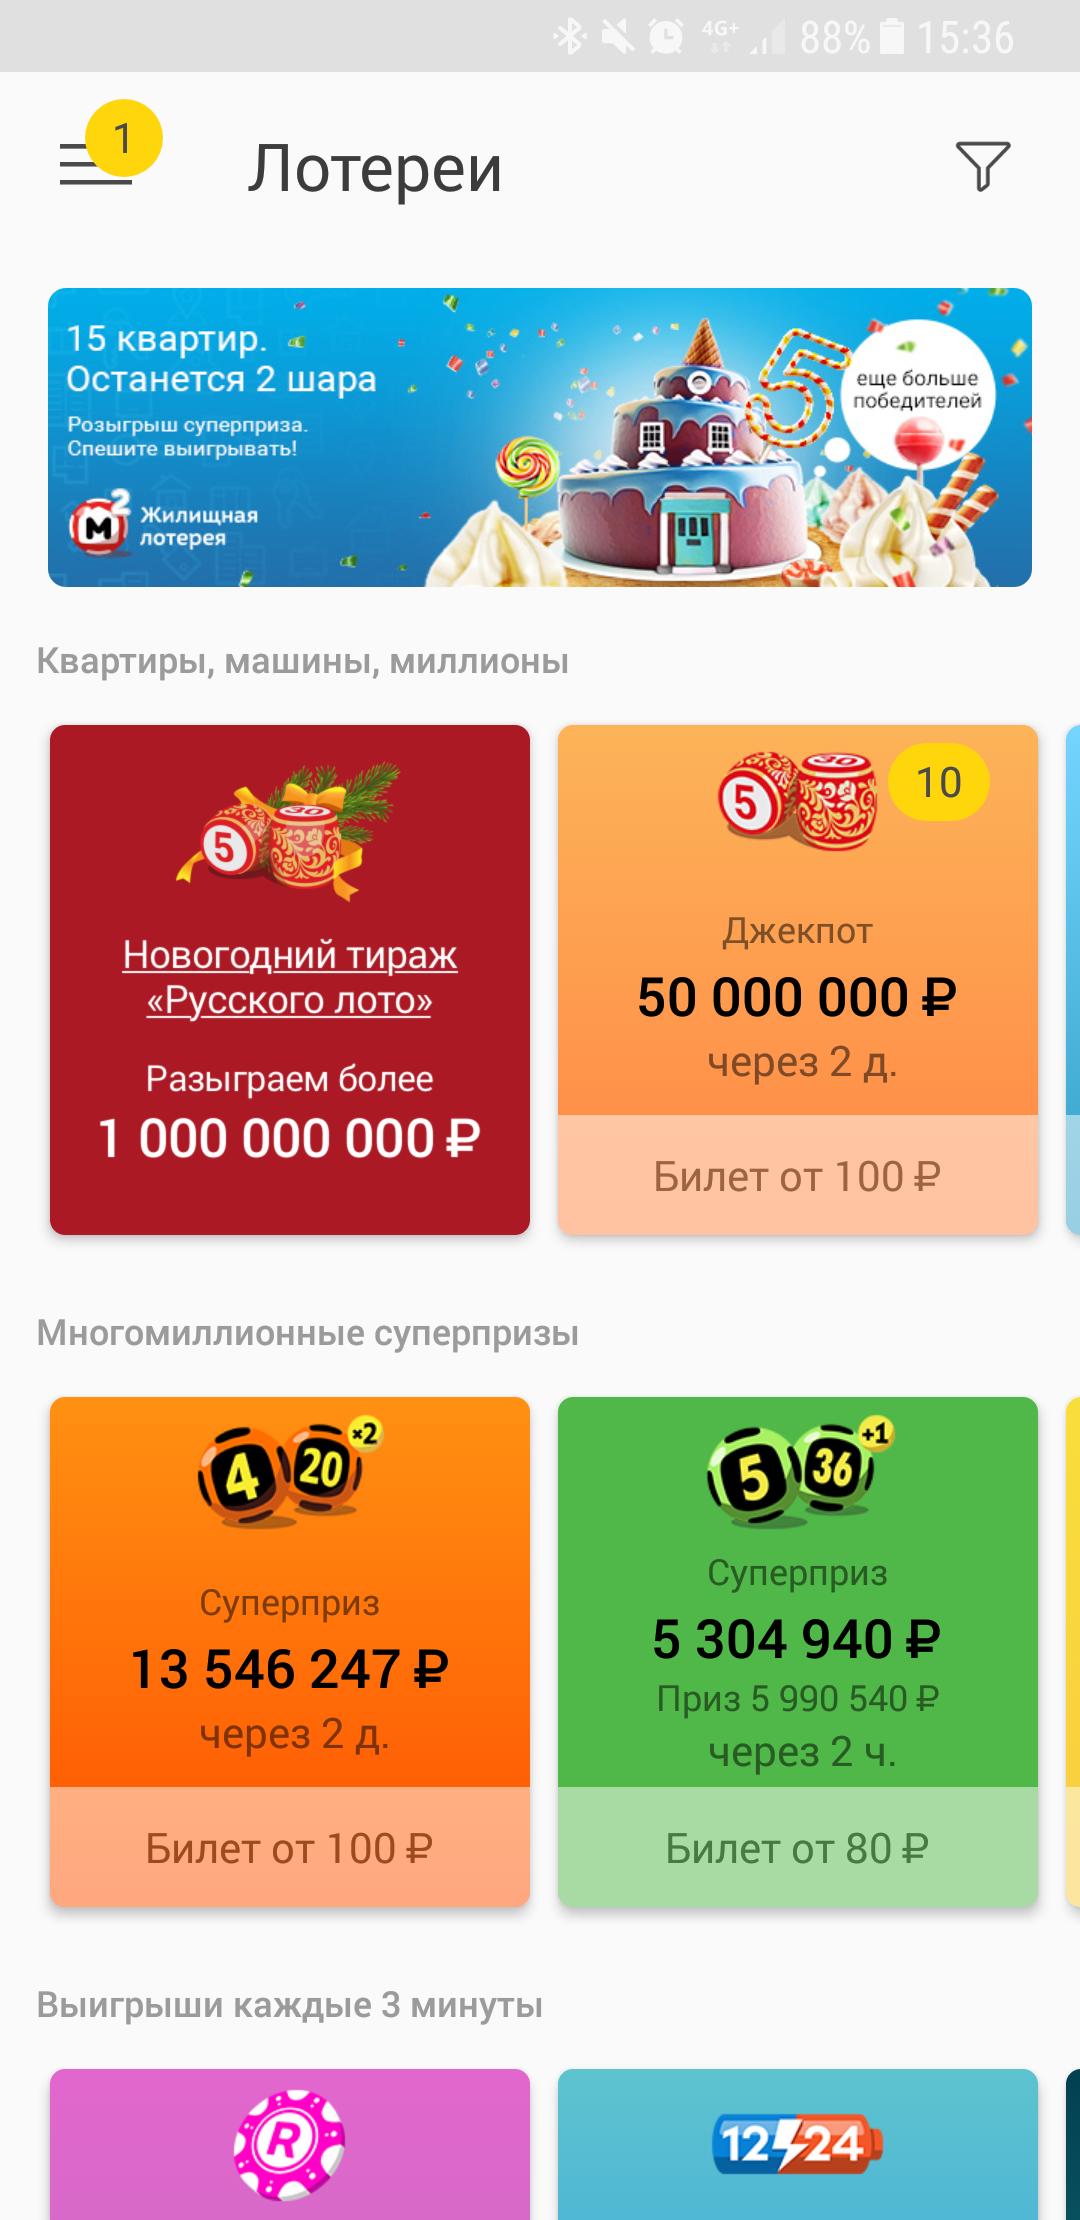 Жилищная лотерея: купить билет онлайн, на официальном сайте столото, цена